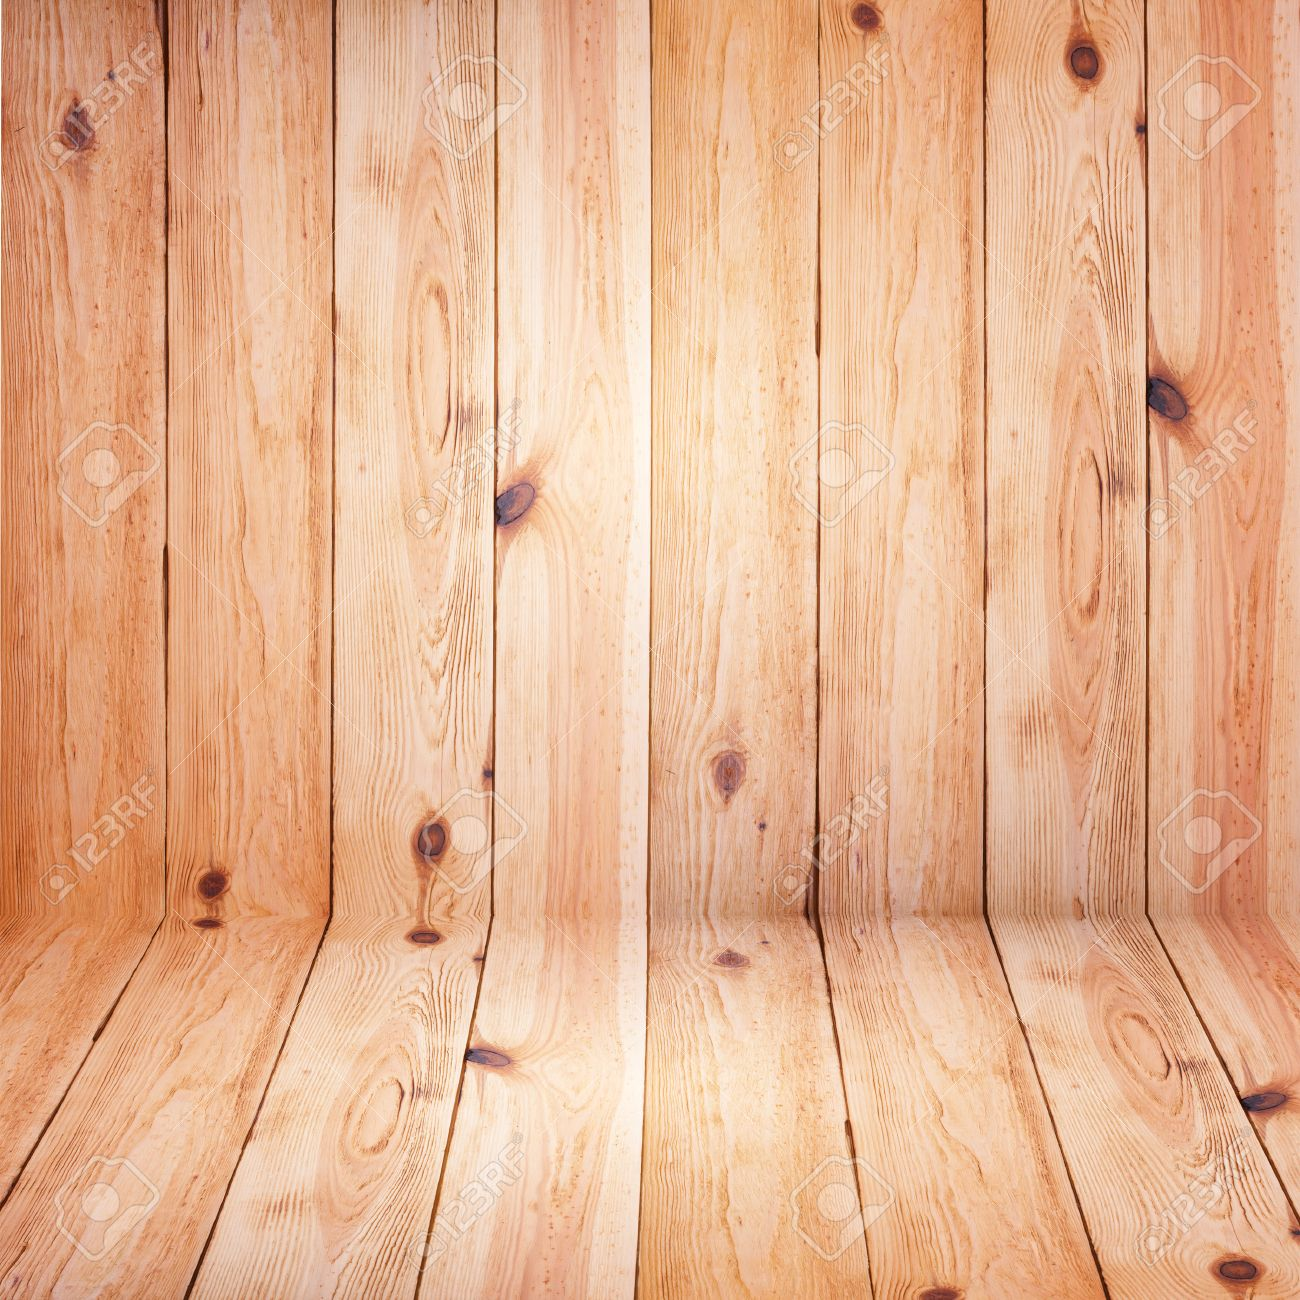 Grandes Suelos Marrones Tablones De Madera De Textura De Fondo De